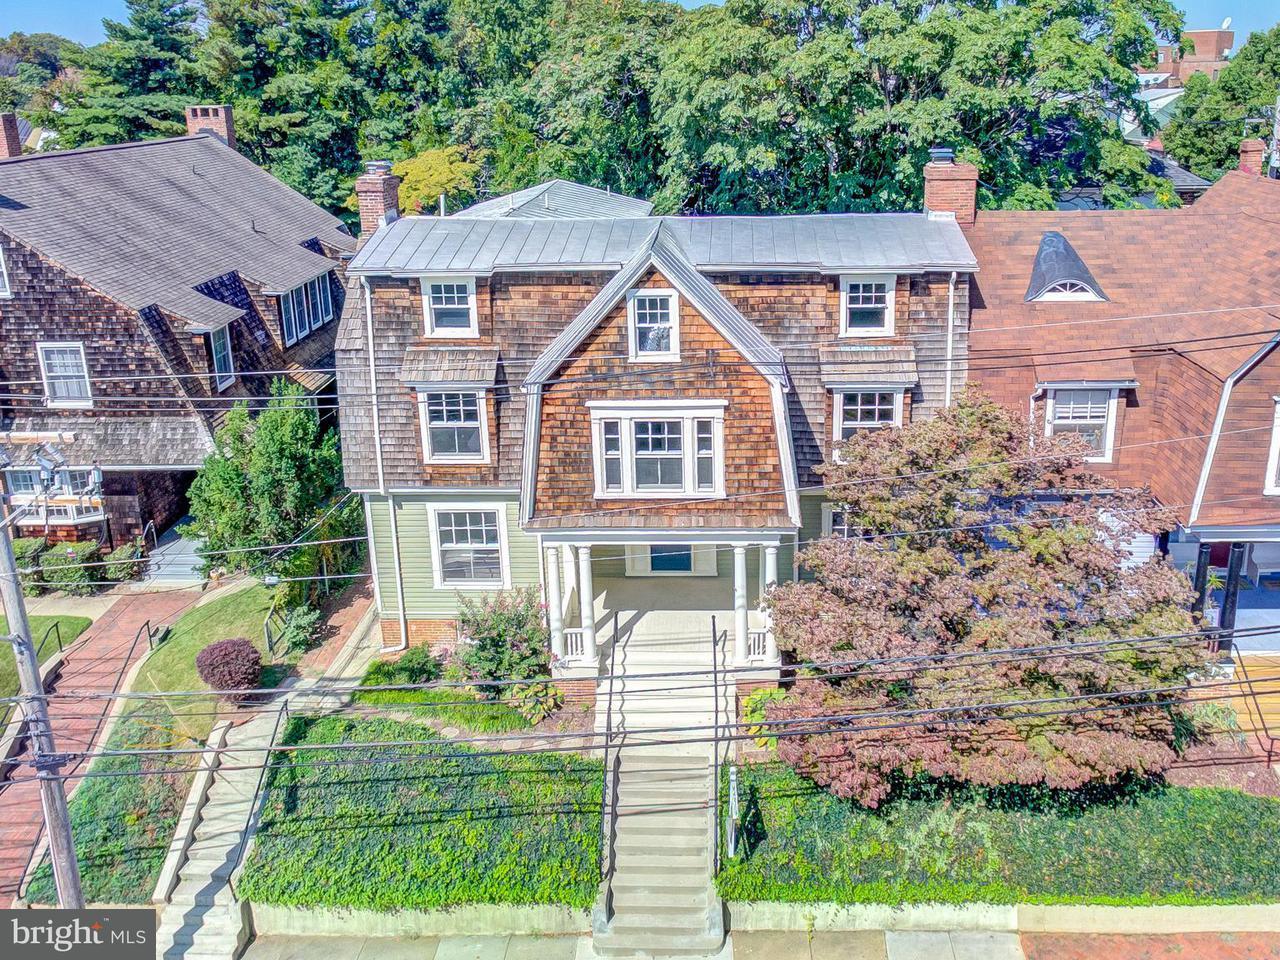 Casa unifamiliar adosada (Townhouse) por un Venta en 63 FRANKLIN Street 63 FRANKLIN Street Annapolis, Maryland 21401 Estados Unidos